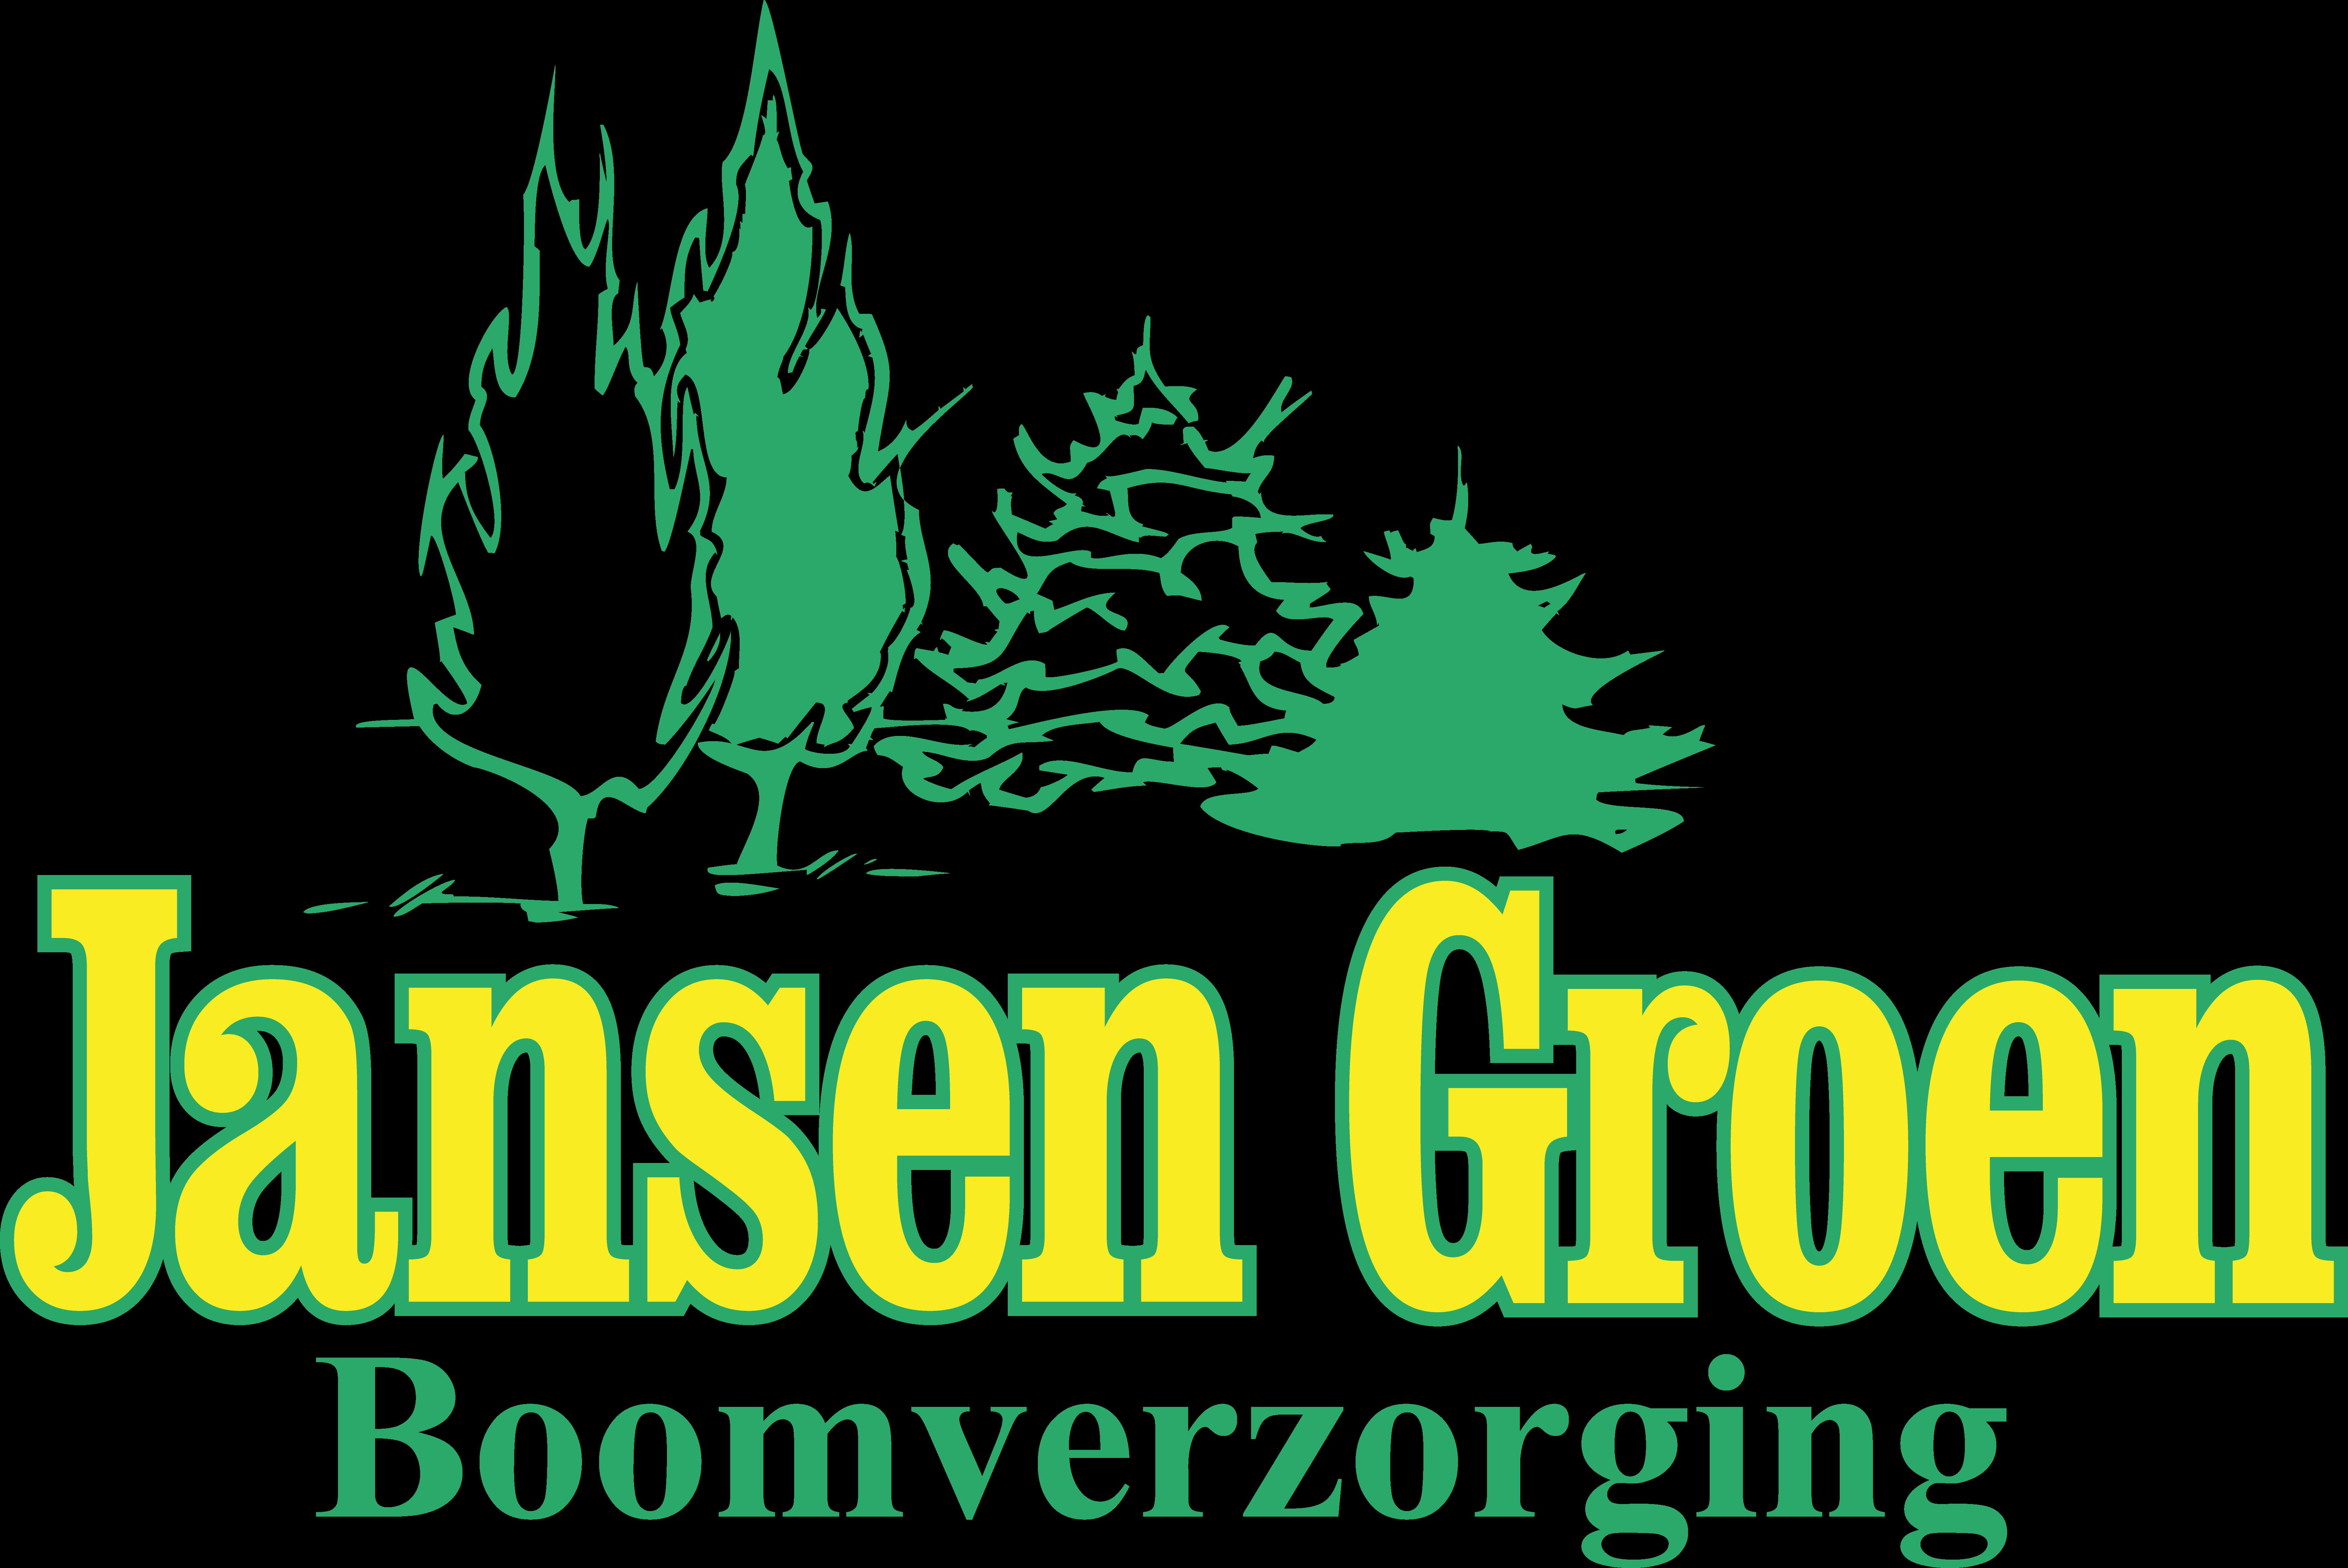 Jansen Groen